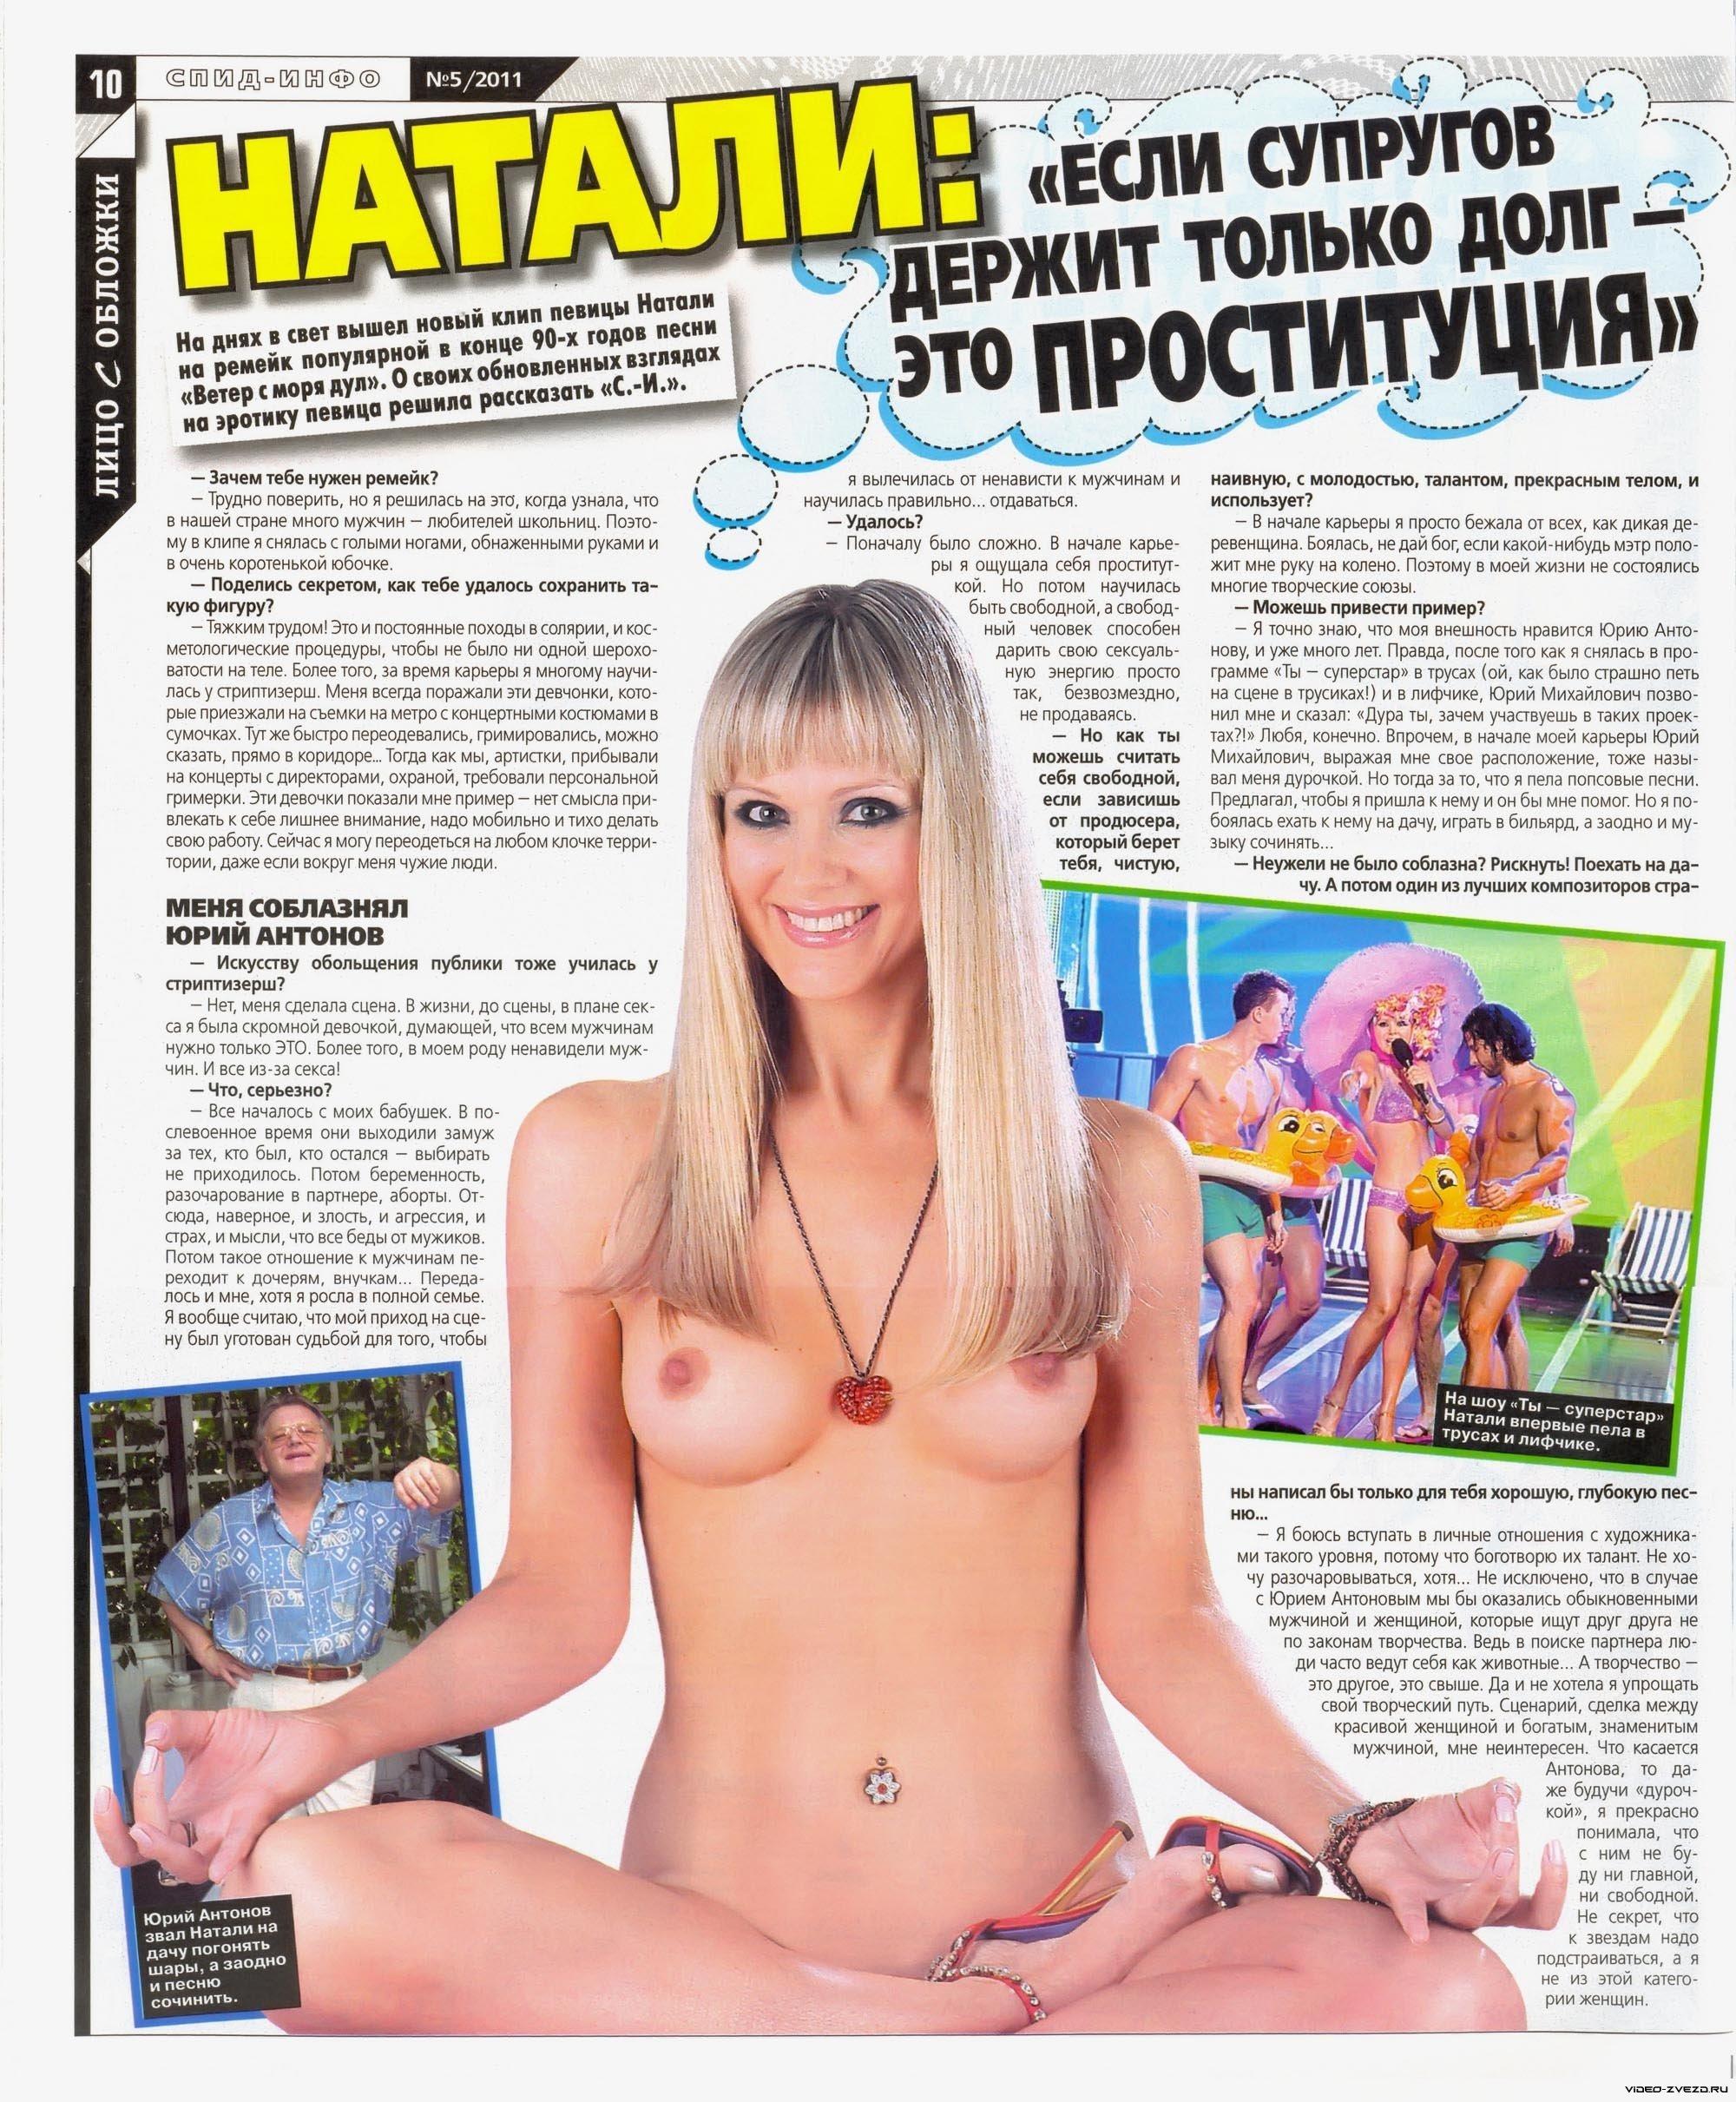 Натали певица фото секс